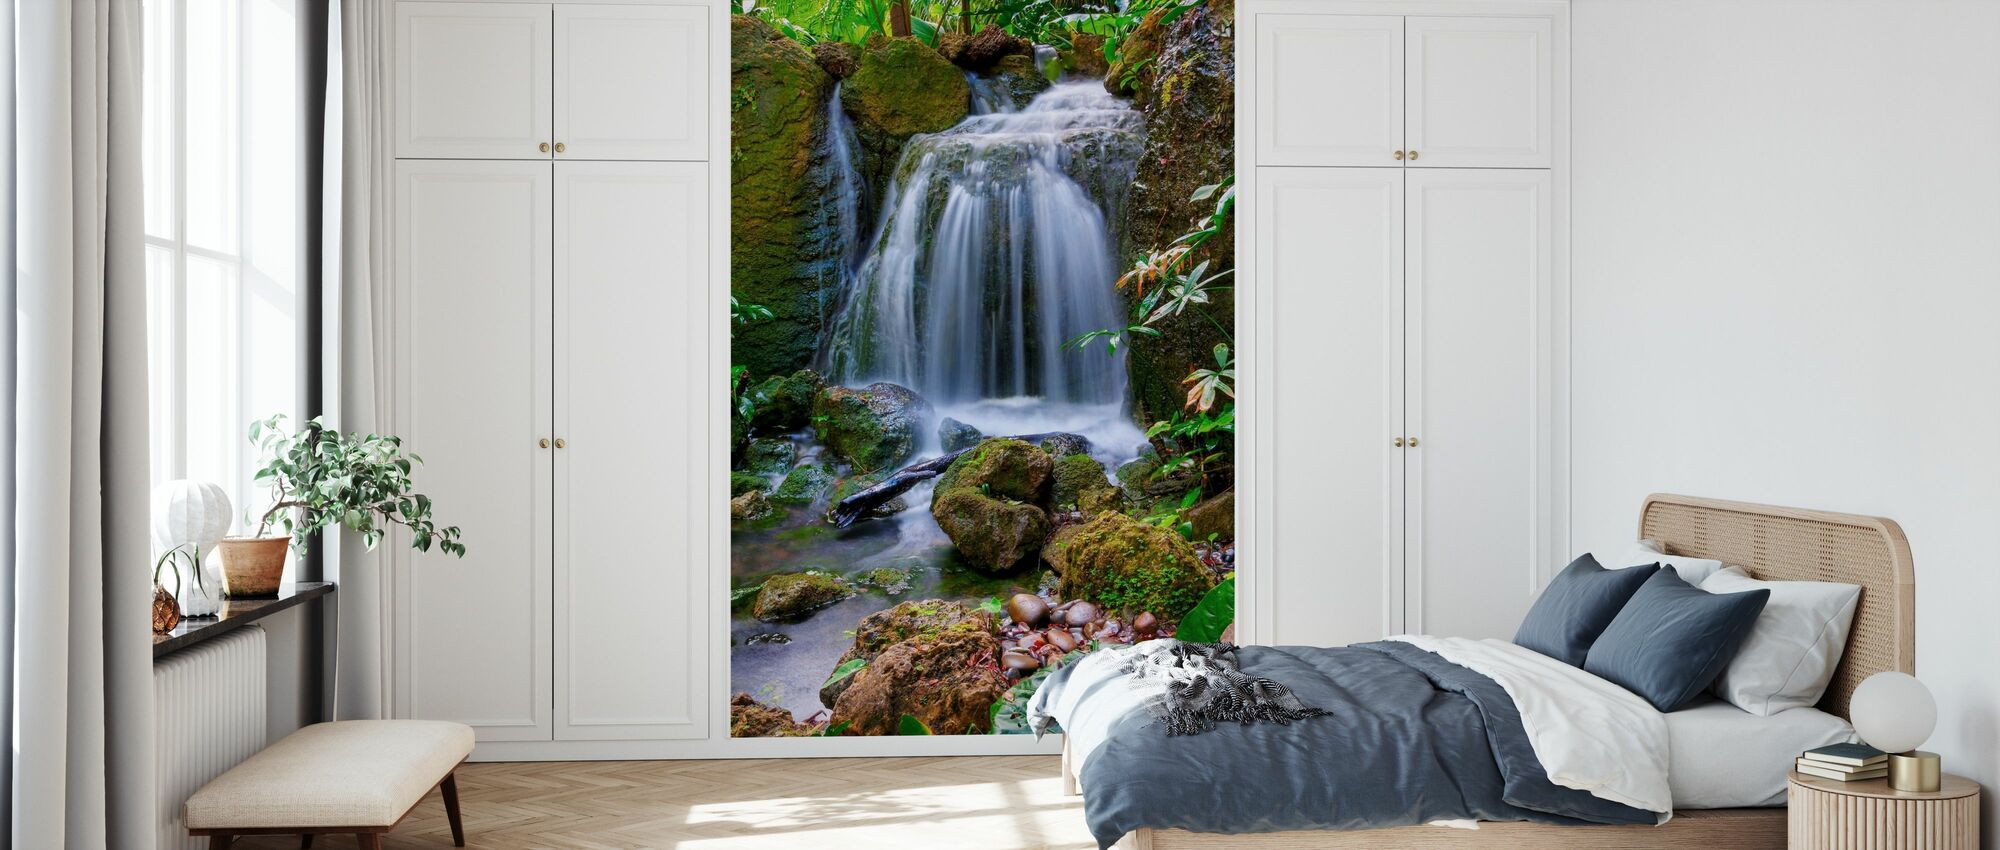 Natures Secret - Wallpaper - Bedroom